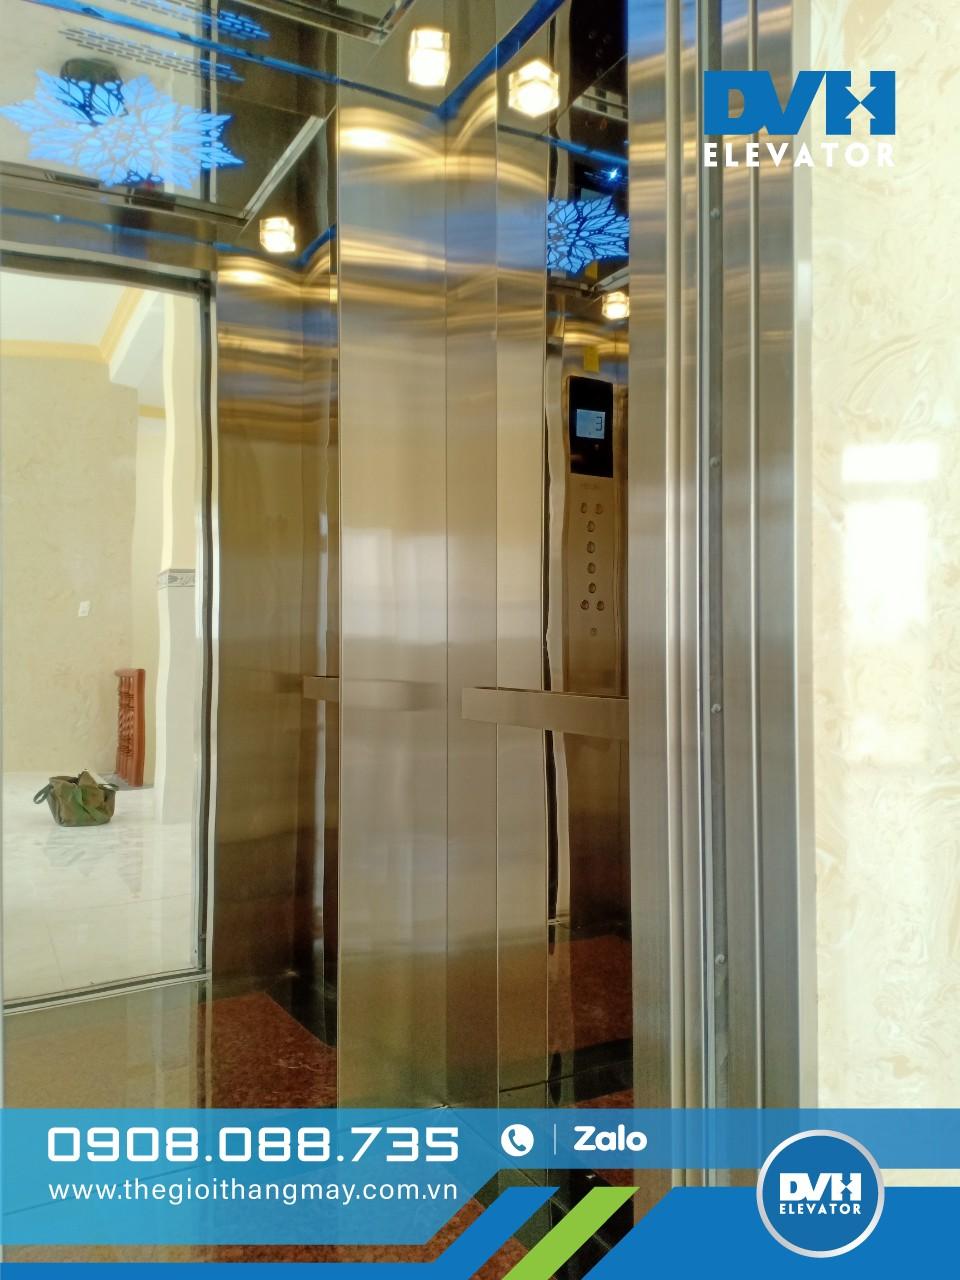 Đơn vị lắp đặt thang máy uy tín